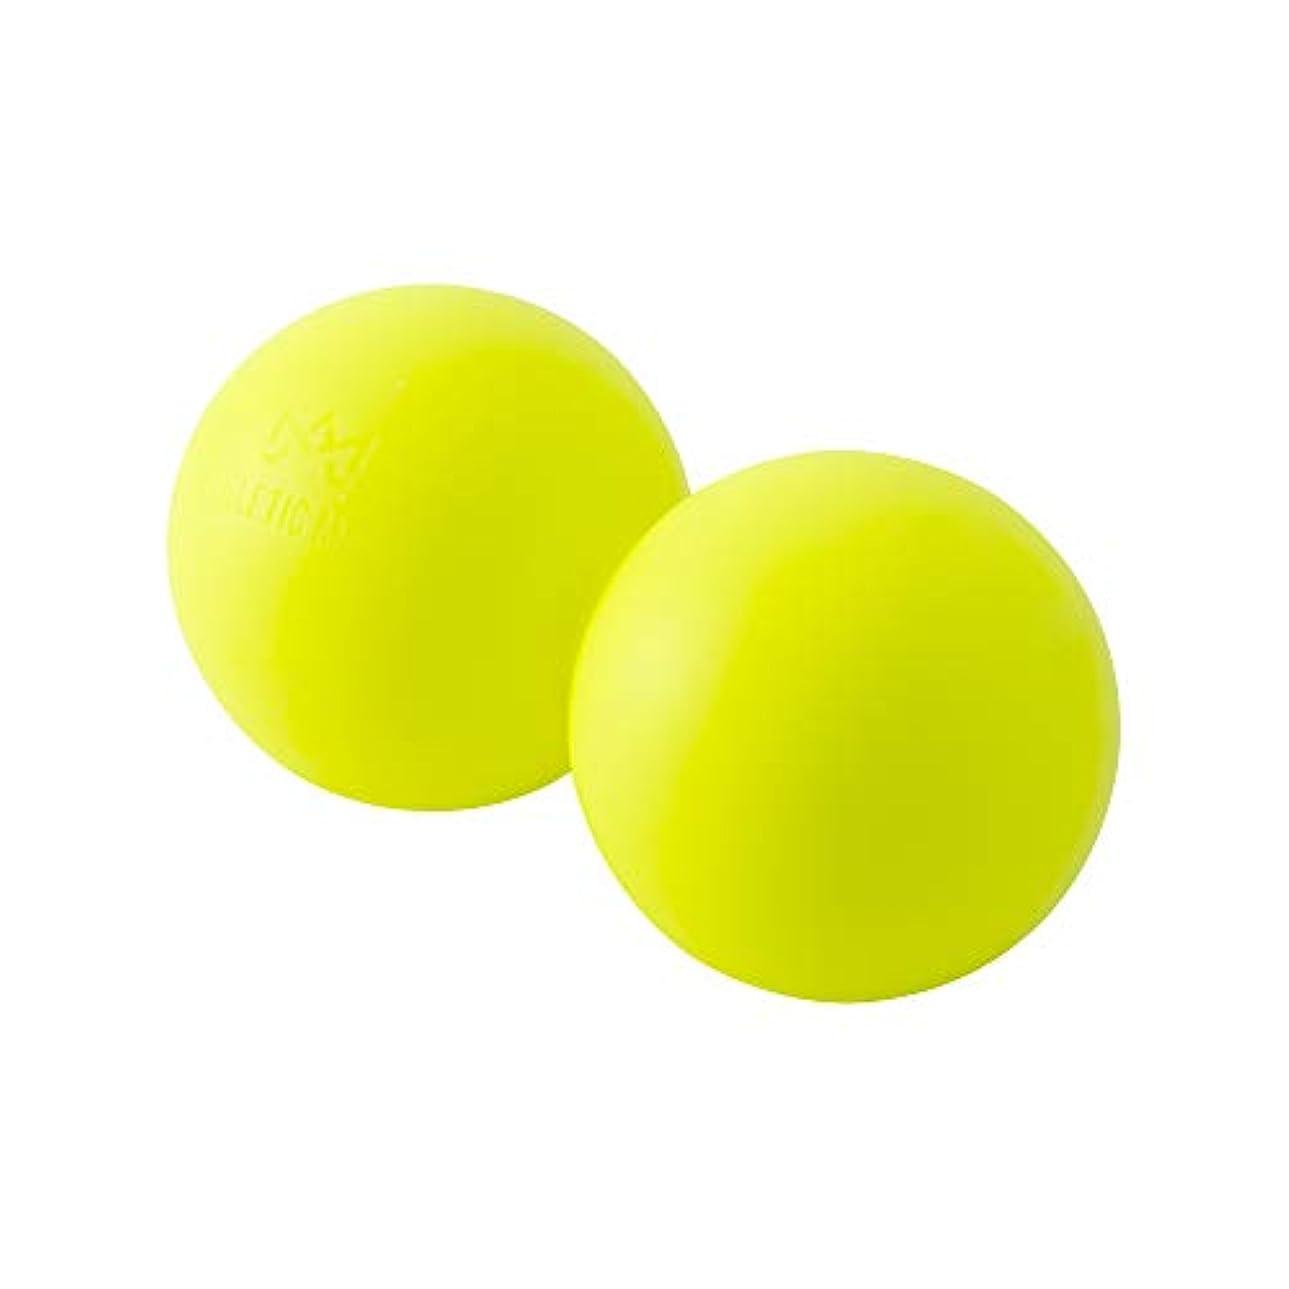 の配列並外れた今ATHLETIC MART ピーナッツ型ストレッチボール マッサージボール ラクロスボール2個サイズ ツボ押し (蛍光イエロー)